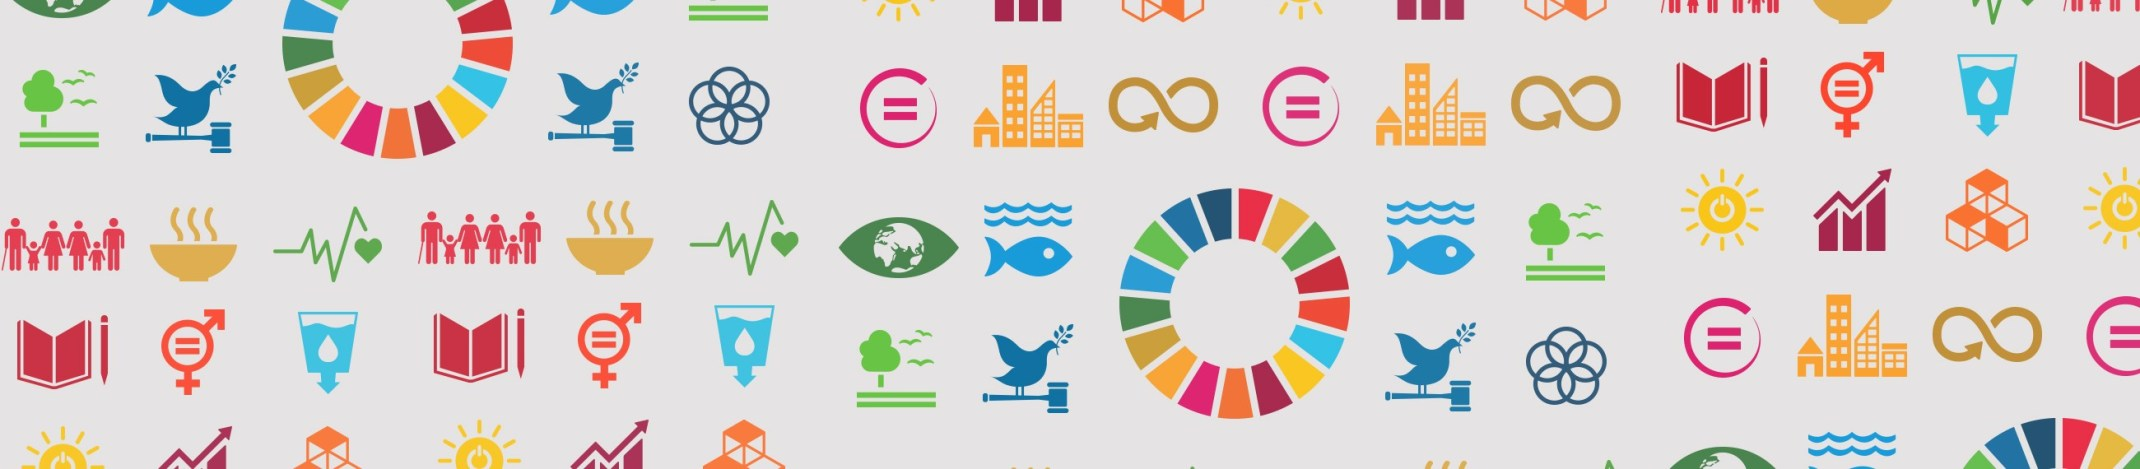 Misión internacional ONU identifica oportunidades de la República Dominicana para lograr Objetivos de Desarrollo Sostenible para el 2030